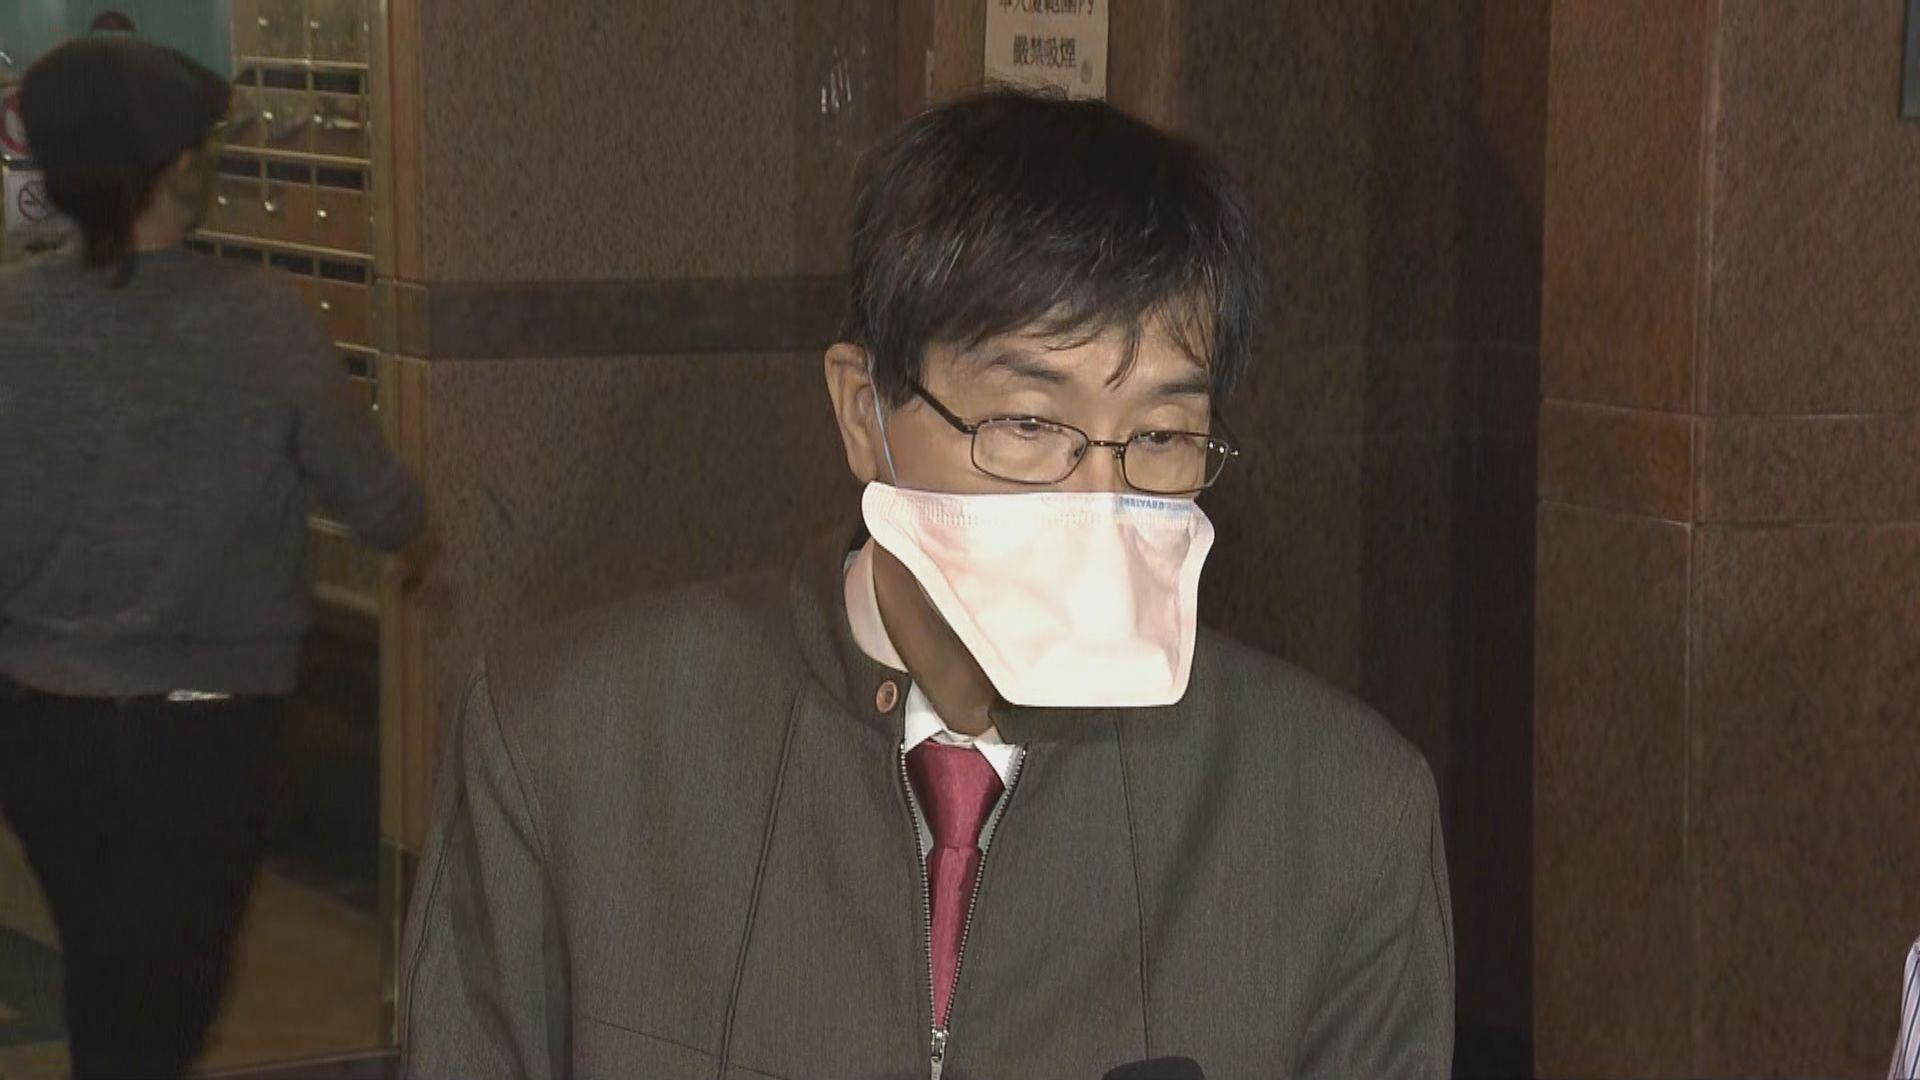 袁國勇:病人就算有輕微病徵 醫生亦應要求其接受檢測